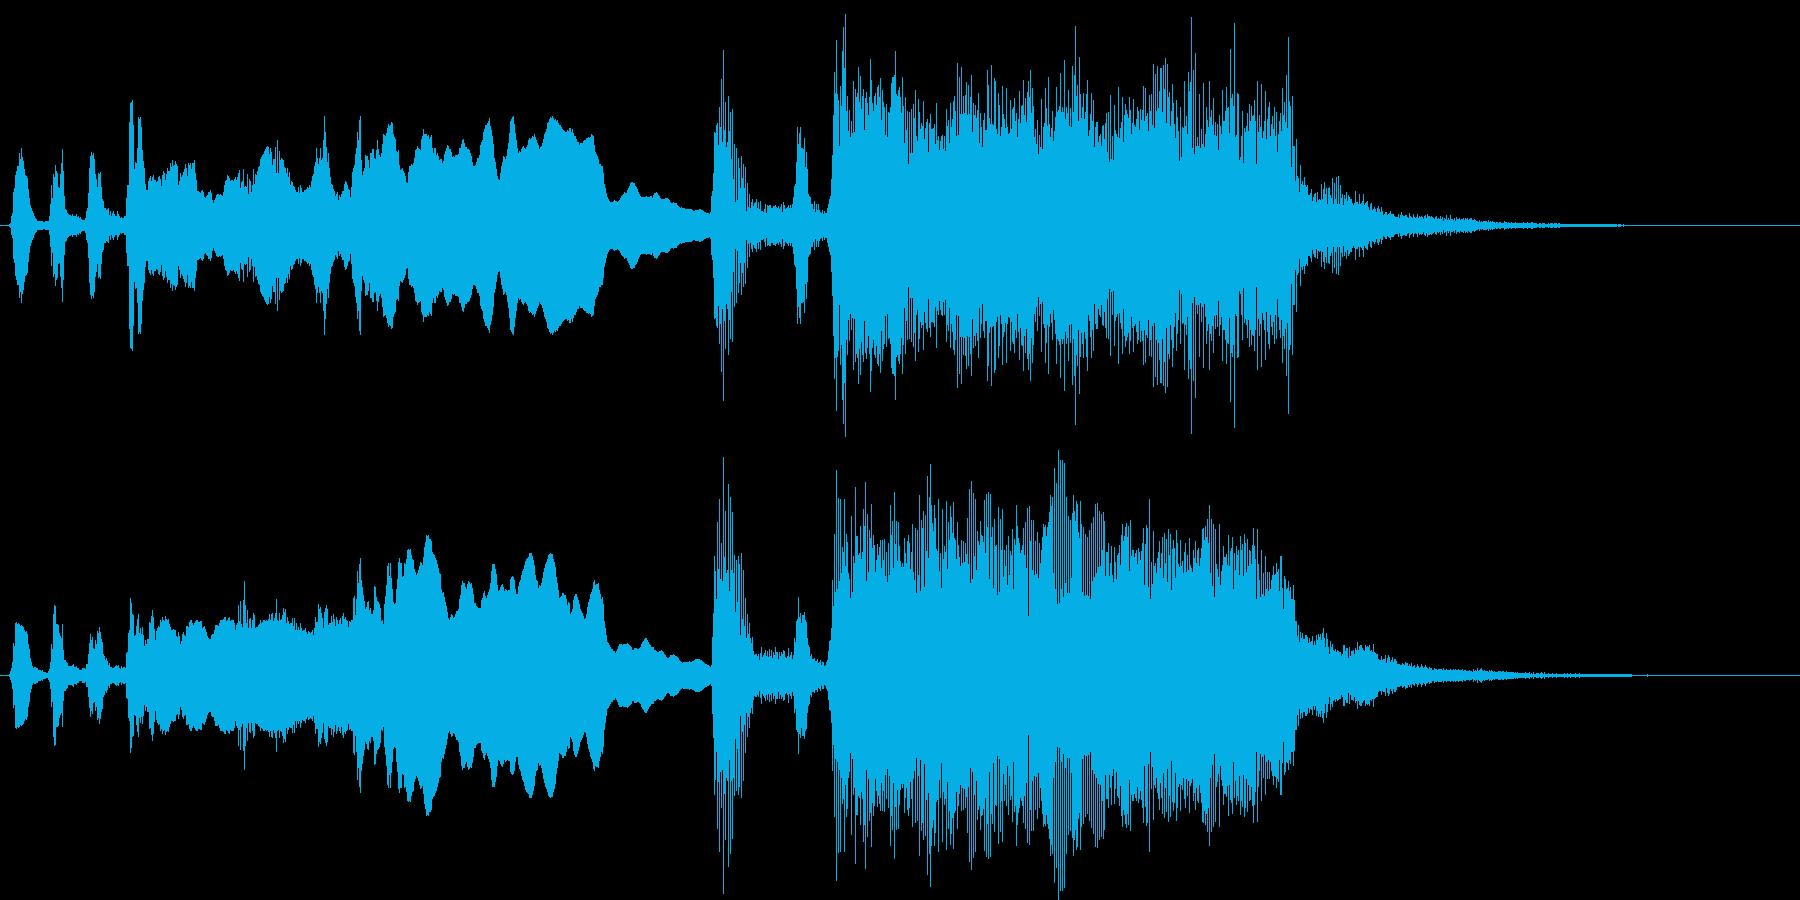 シンプル金管ファンファーレMの再生済みの波形